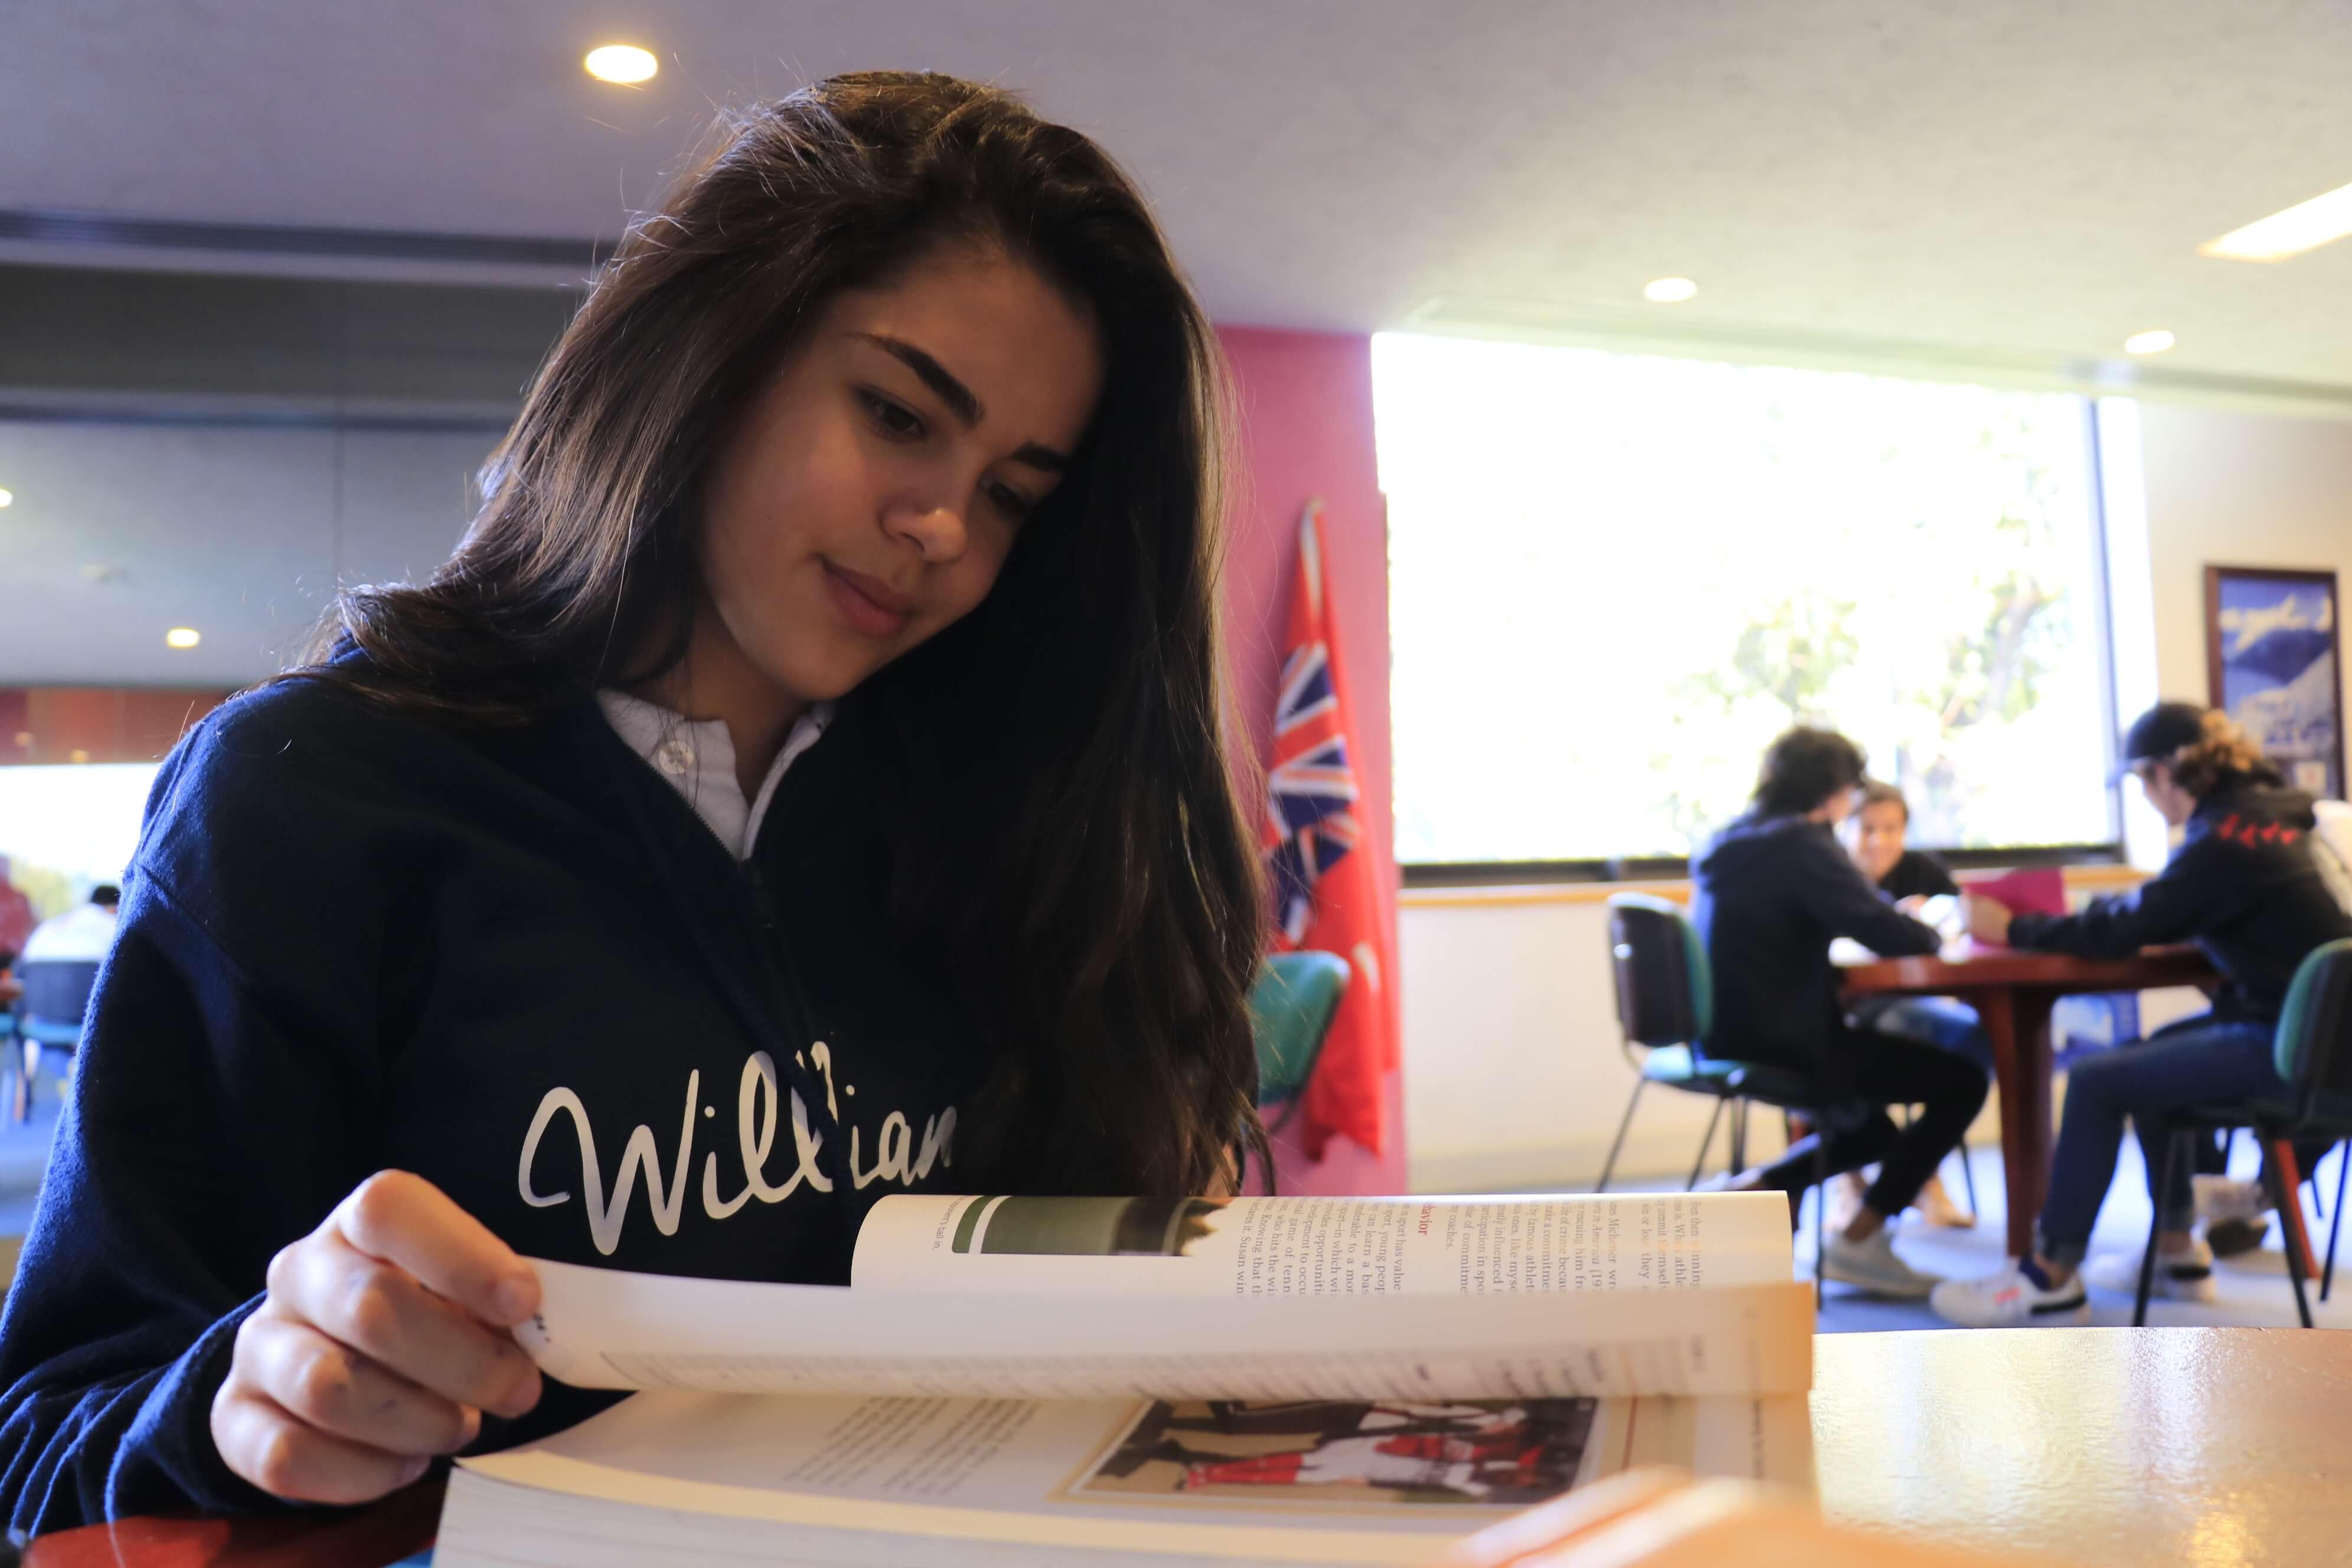 Blog-Imagen-por-que-estudiar-prepa-colegio-williams-cuernavaca-educacion-flexible-personalizada-Colegio-Williams-de-Cuernavaca-Ago20